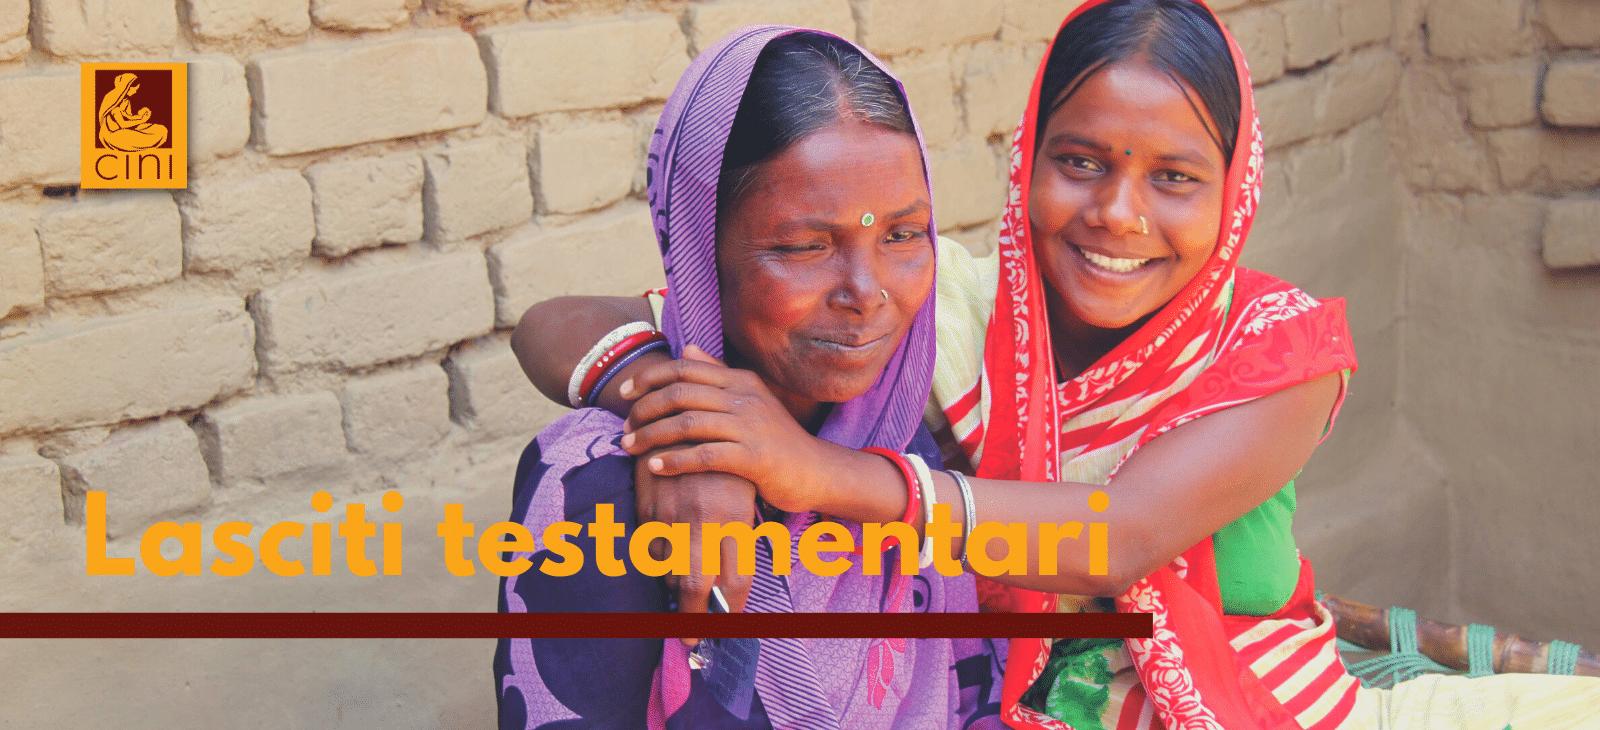 lasciti testamentari cini progetti umanitari india